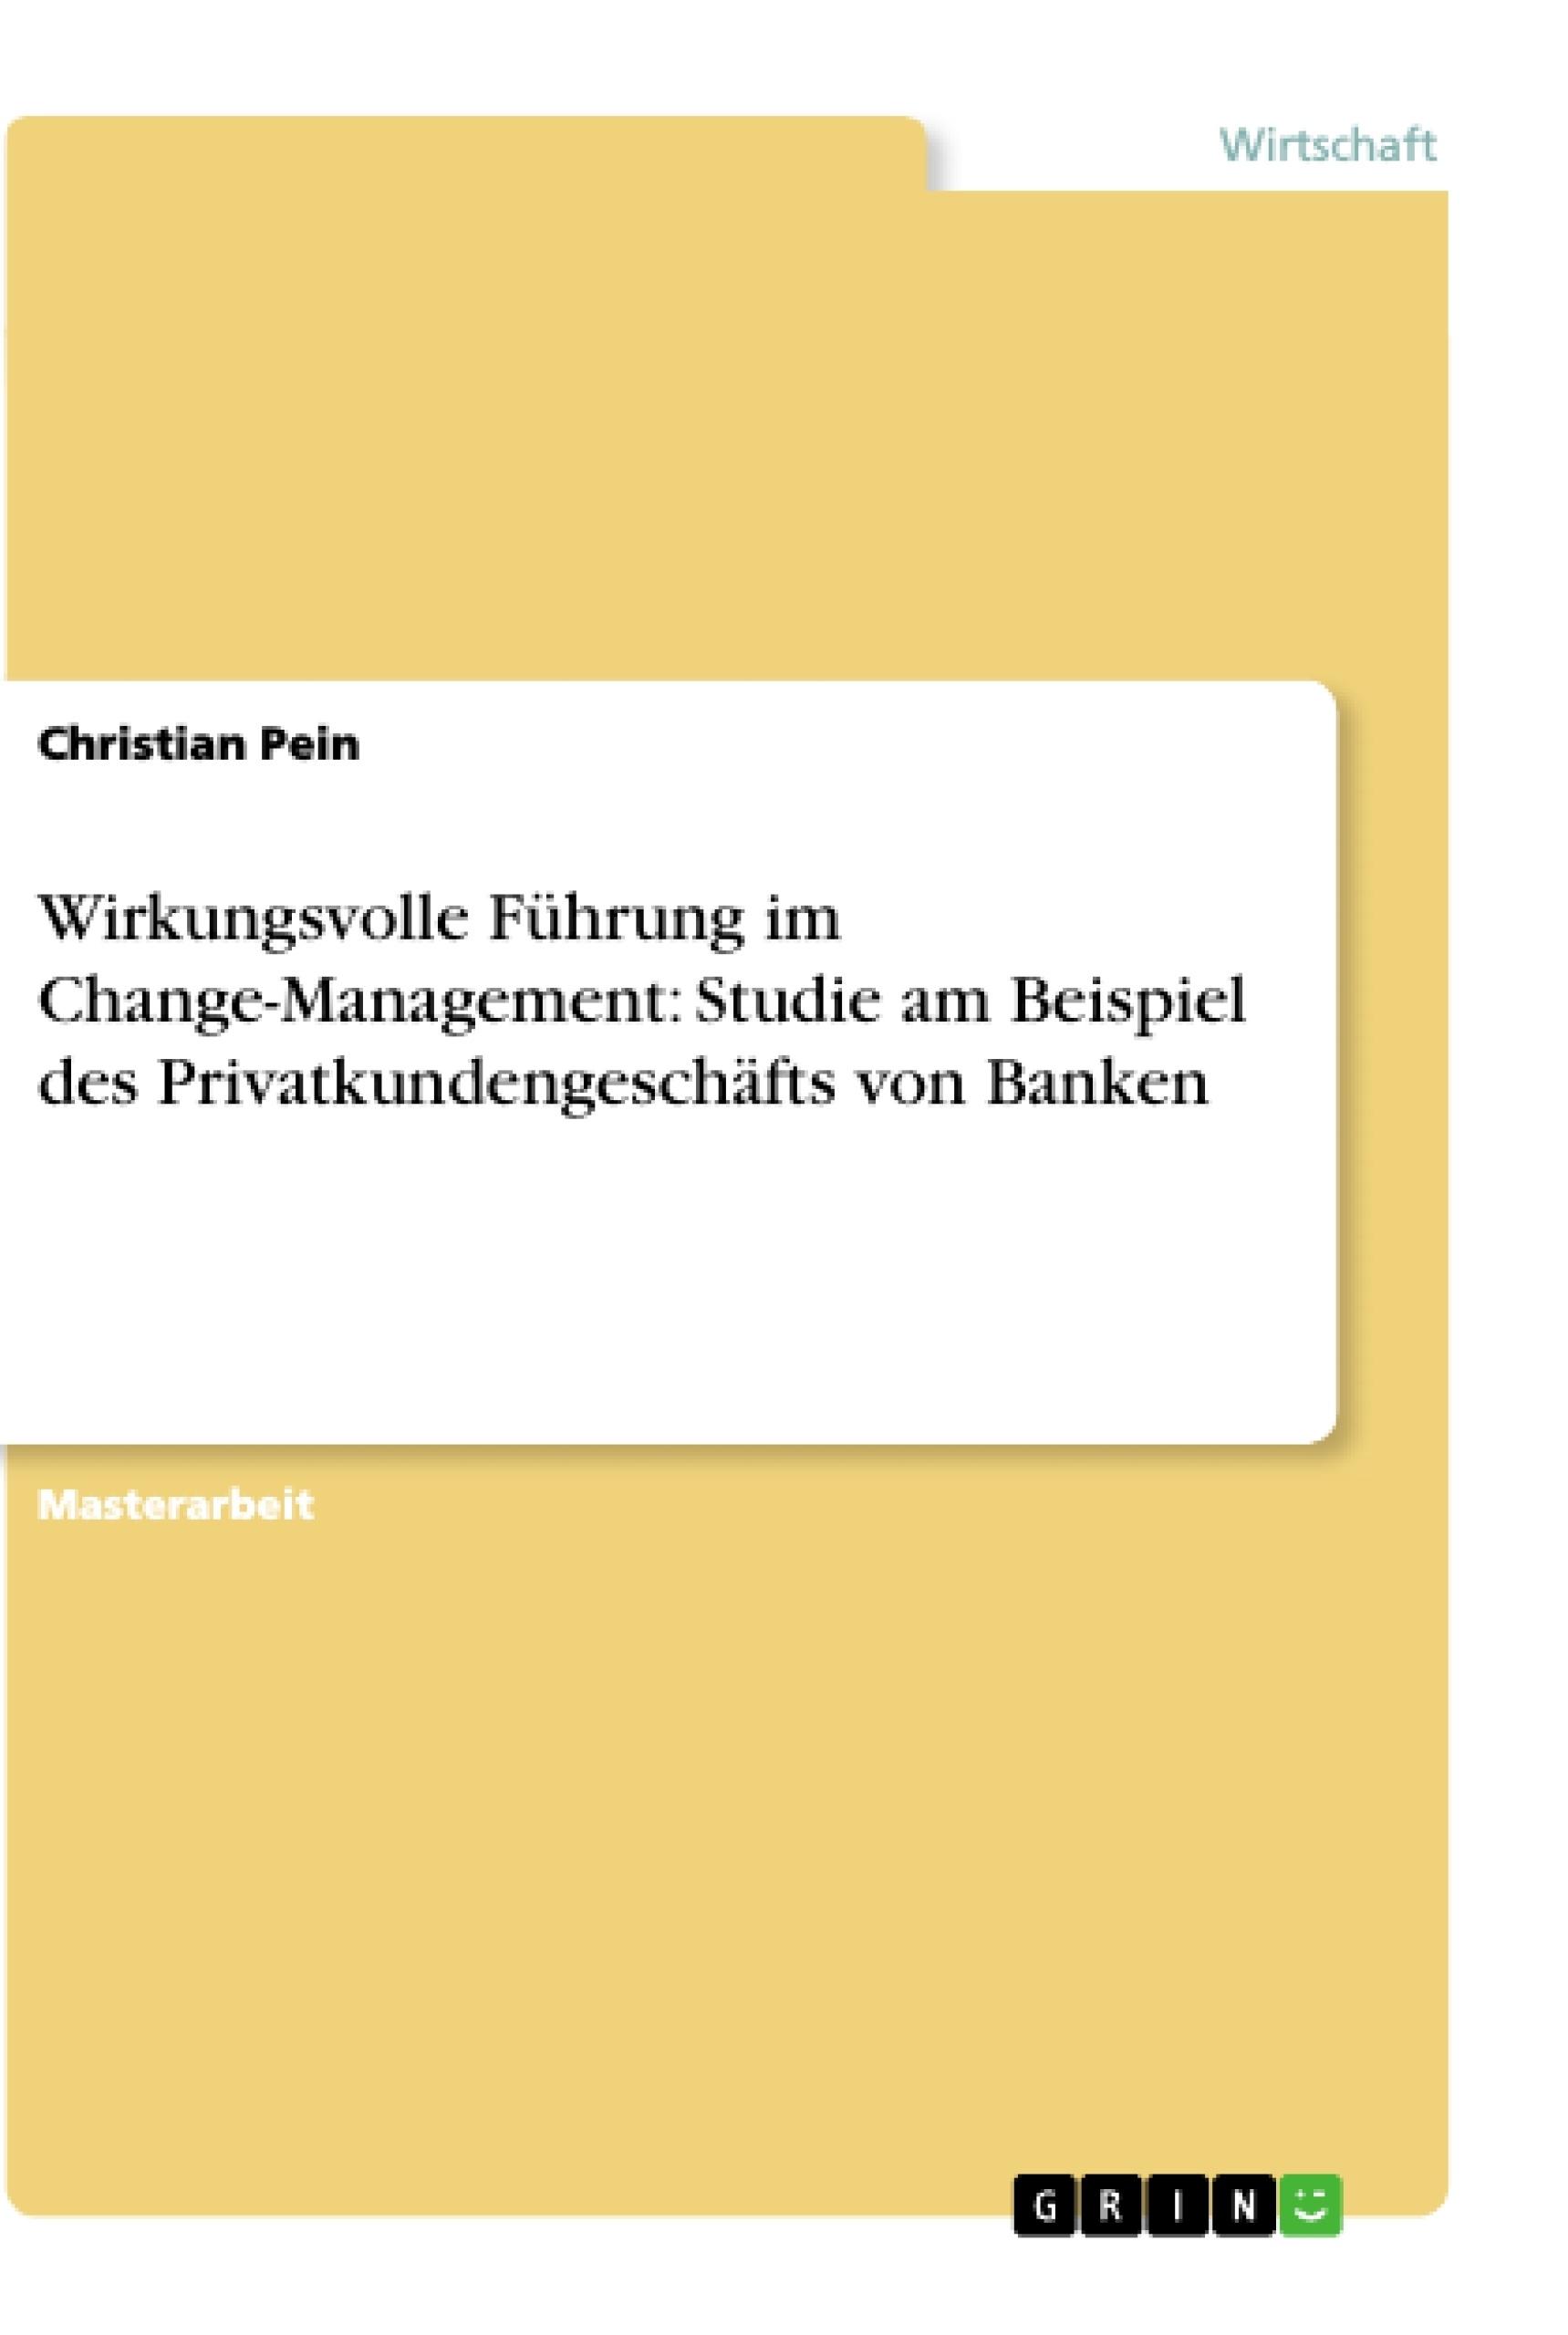 Titel: Wirkungsvolle Führung im Change-Management: Studie am Beispiel des Privatkundengeschäfts von Banken